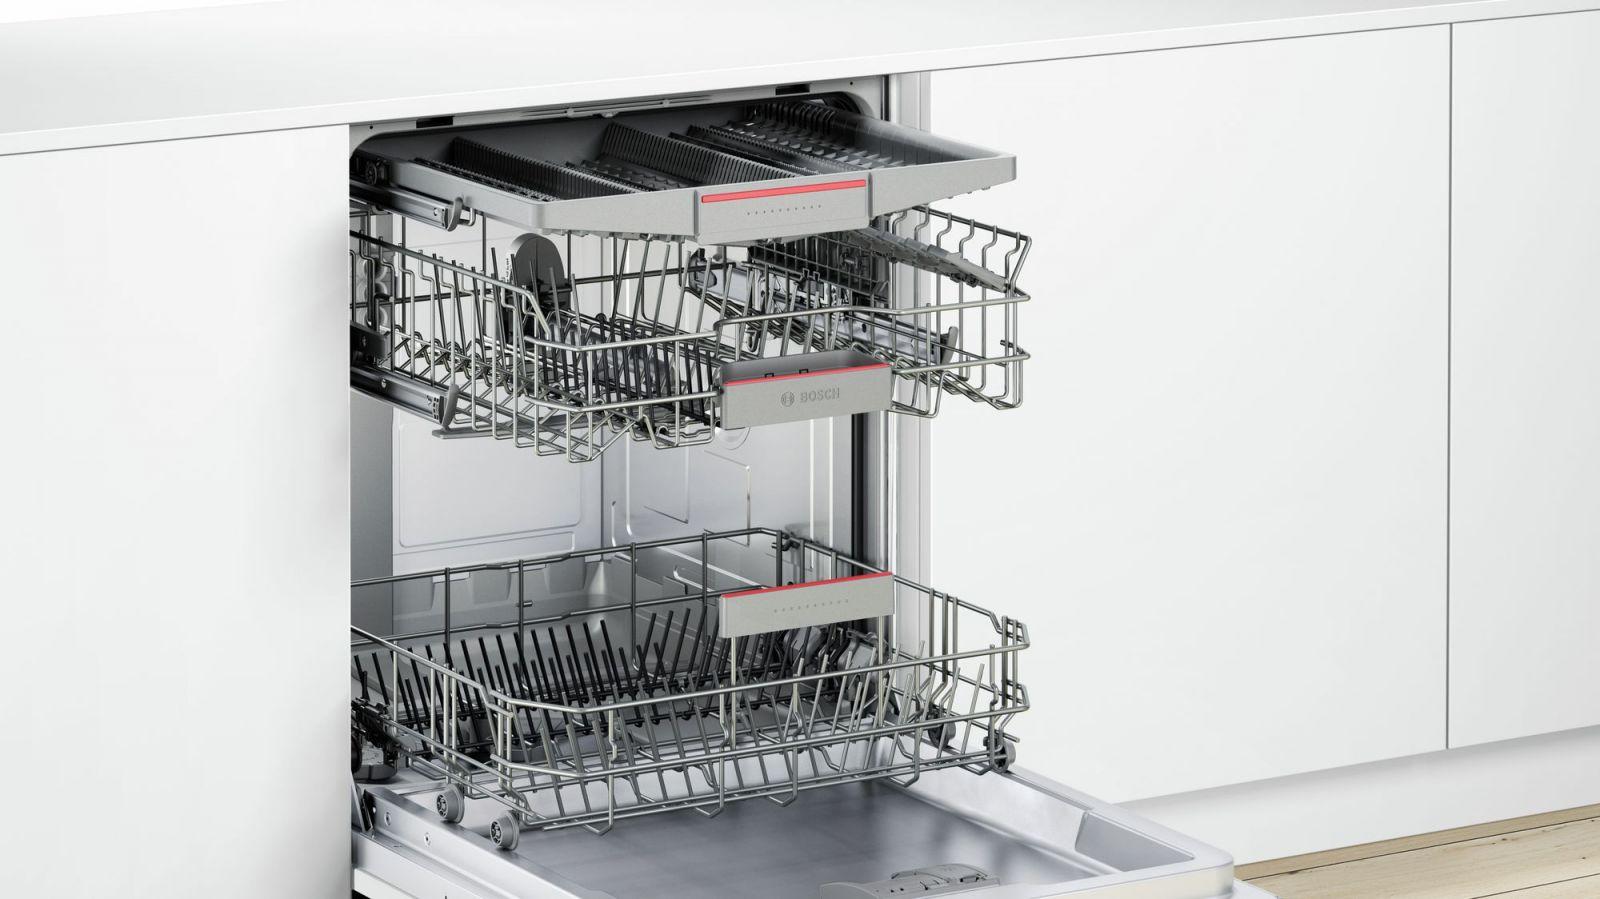 Đánh giá thực tế máy rửa bát Bosch SMI46KS01E May-rua-bat-SMI46KS01E-voi-thiet-ke-sang-trong%2C-hien-dai-va-thong-minh